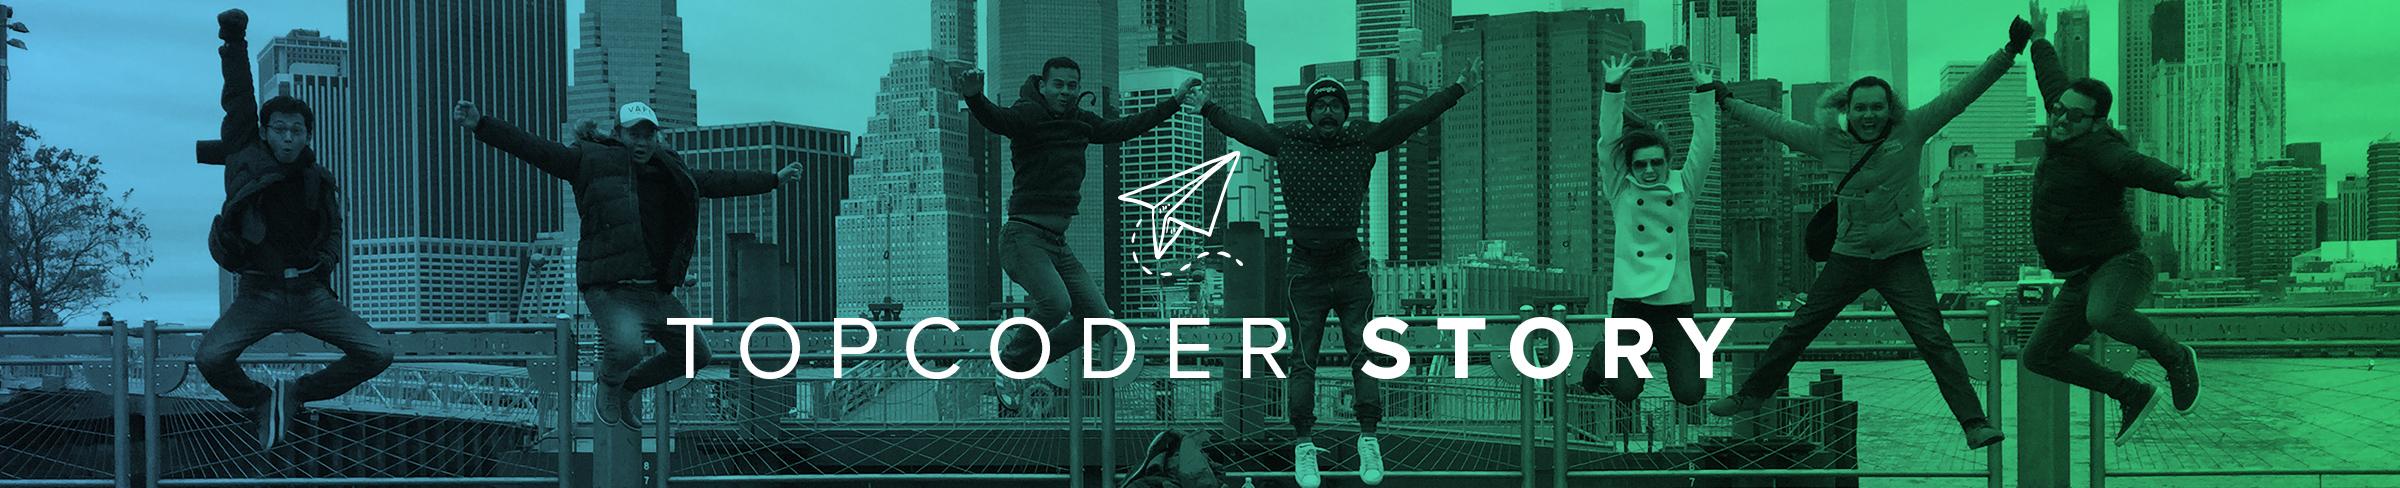 Topcoder Story